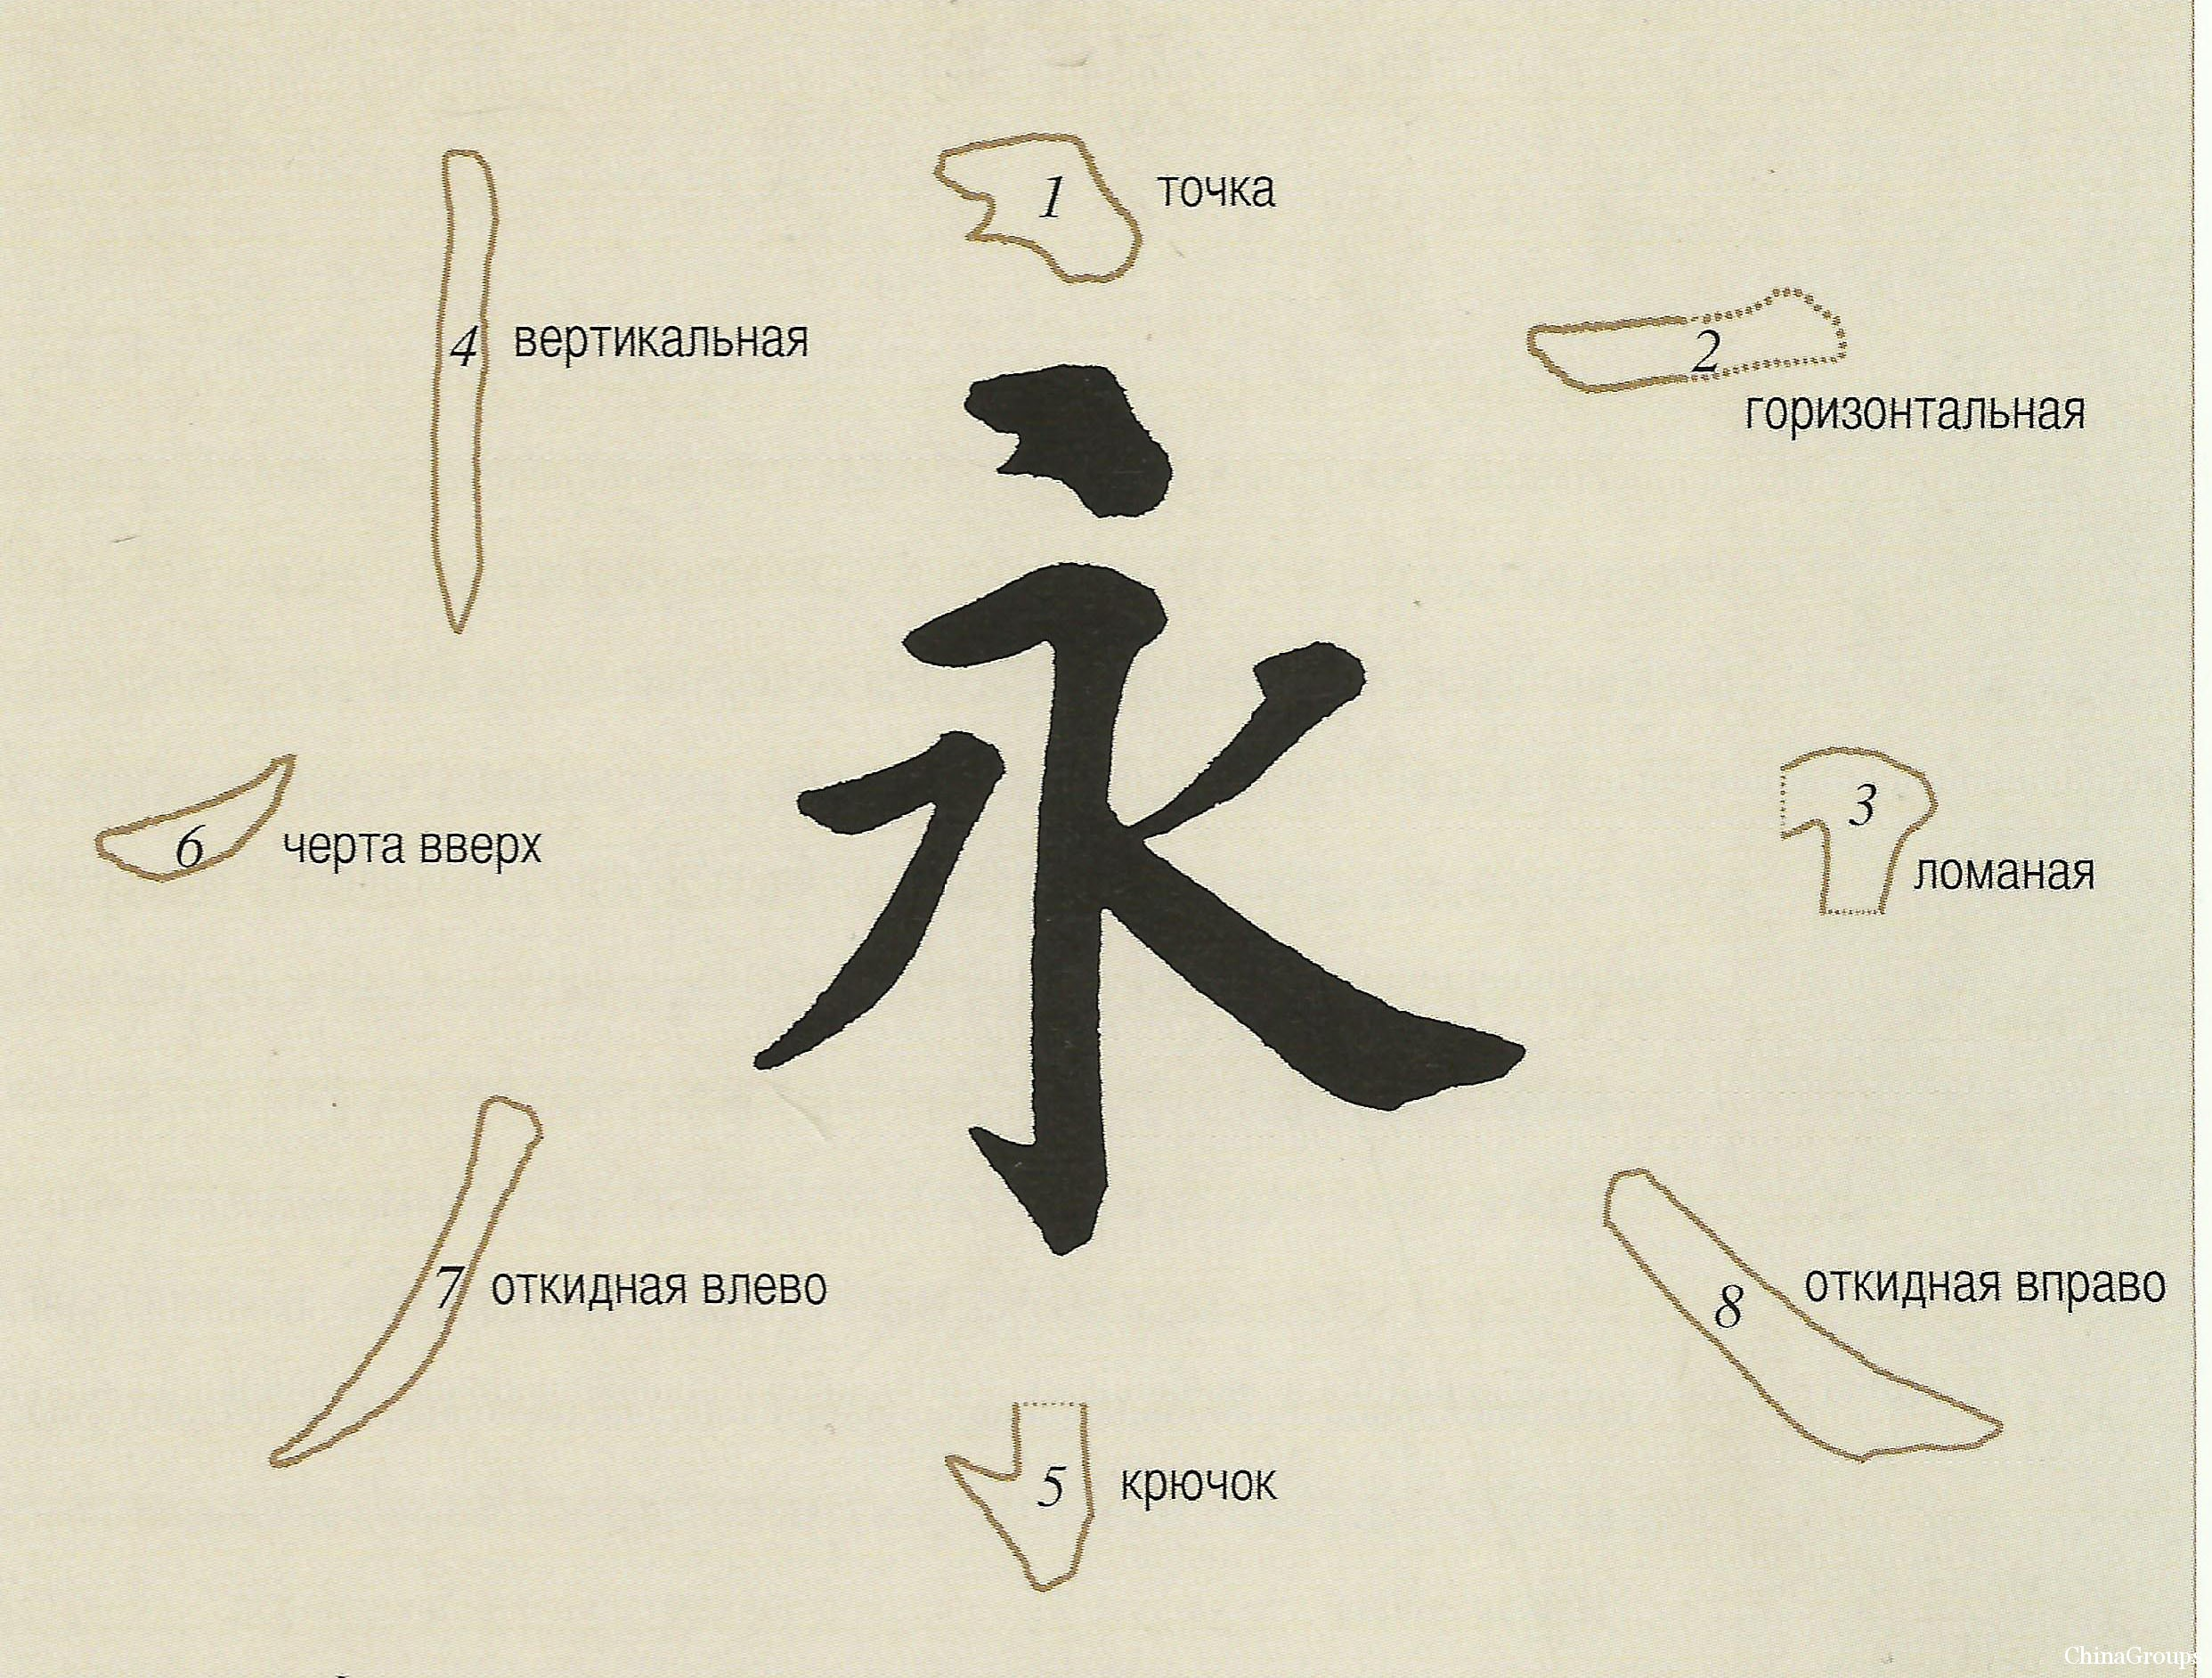 Составляющие иероглифа